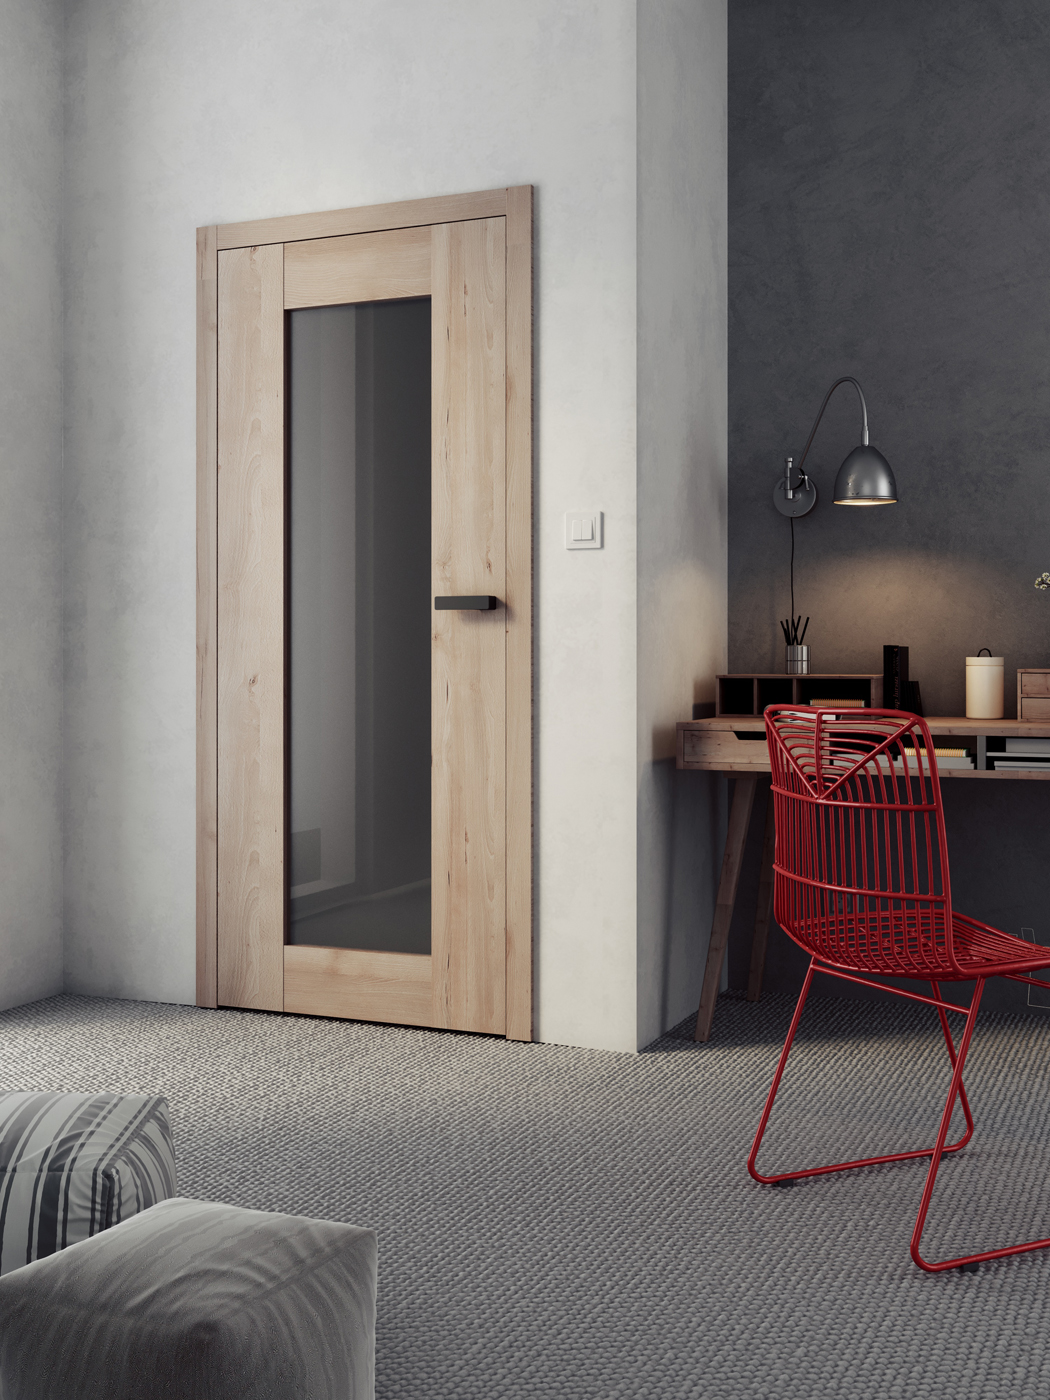 Bezfalcové interiérové dvere SAPELI Talia 40 - dekor CPL buk štruktúr